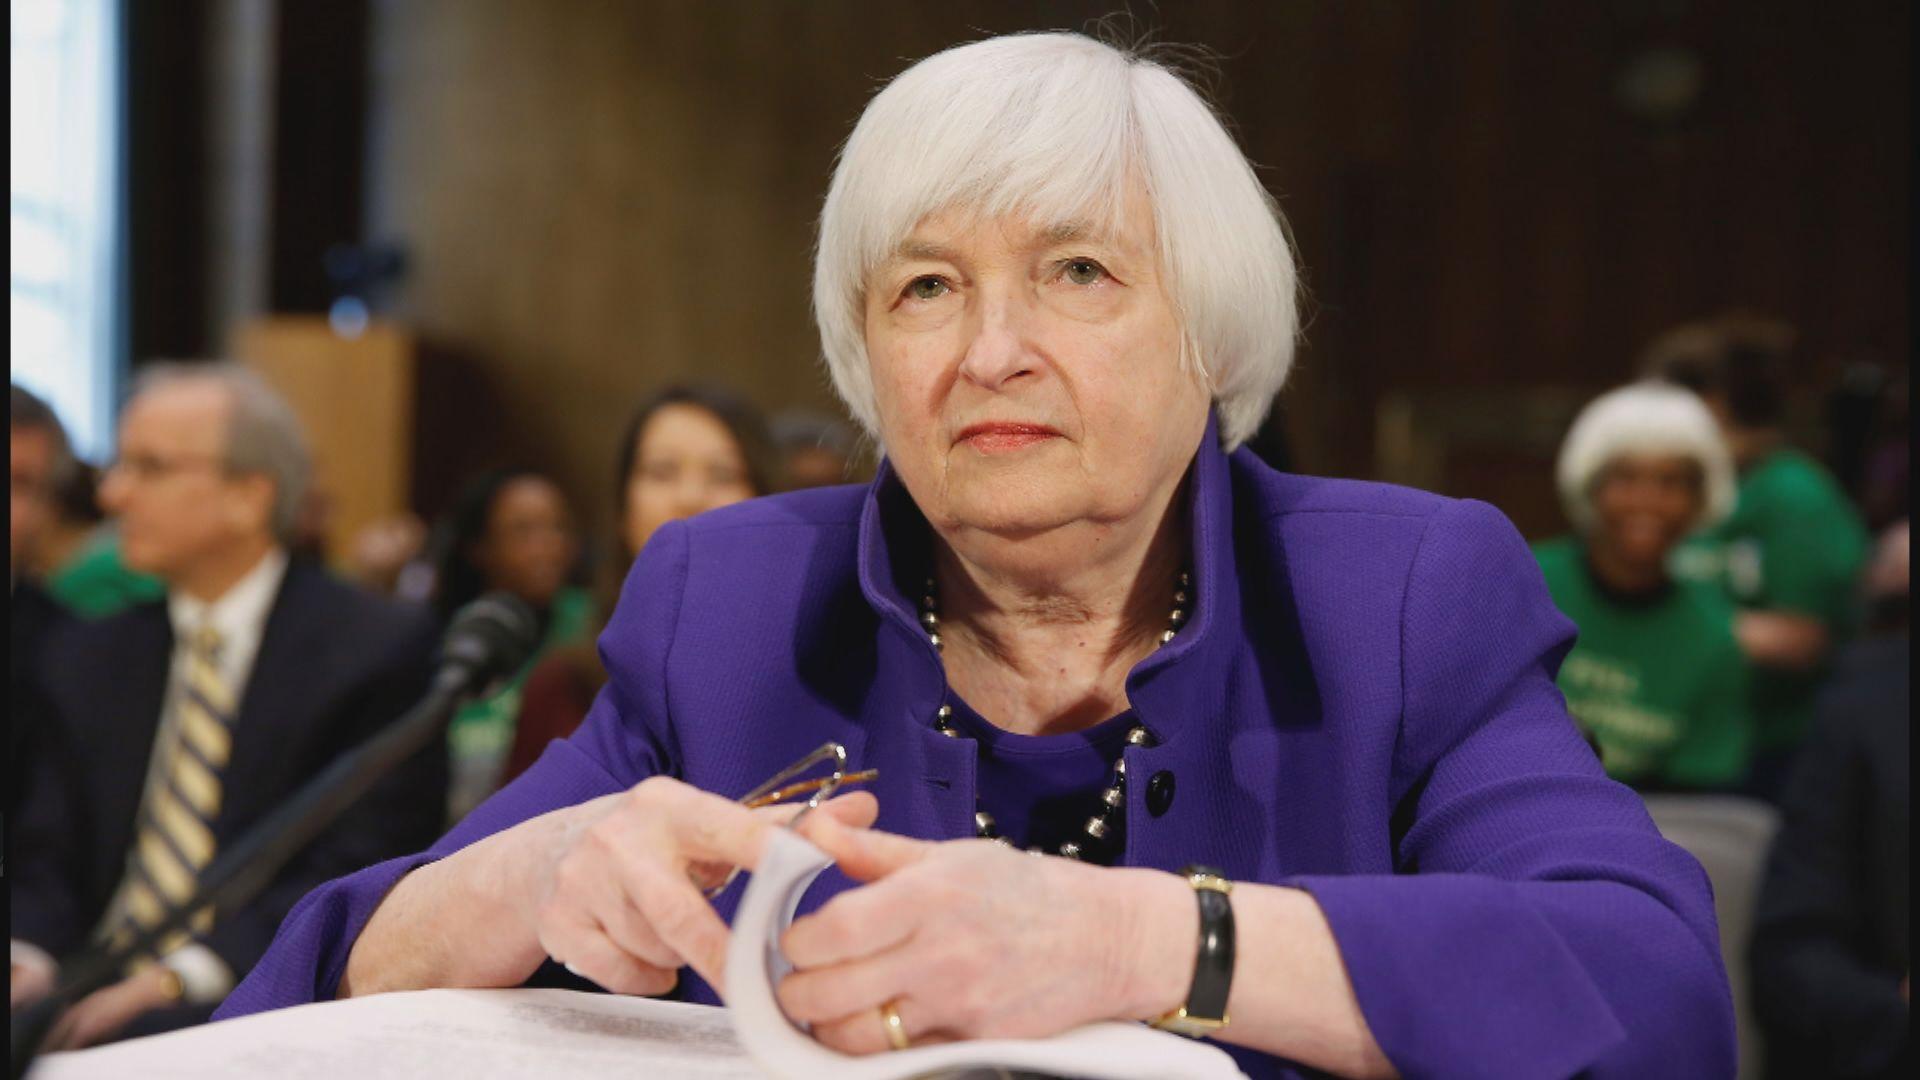 耶倫:美國孳息曲線倒掛不意味經濟衰退